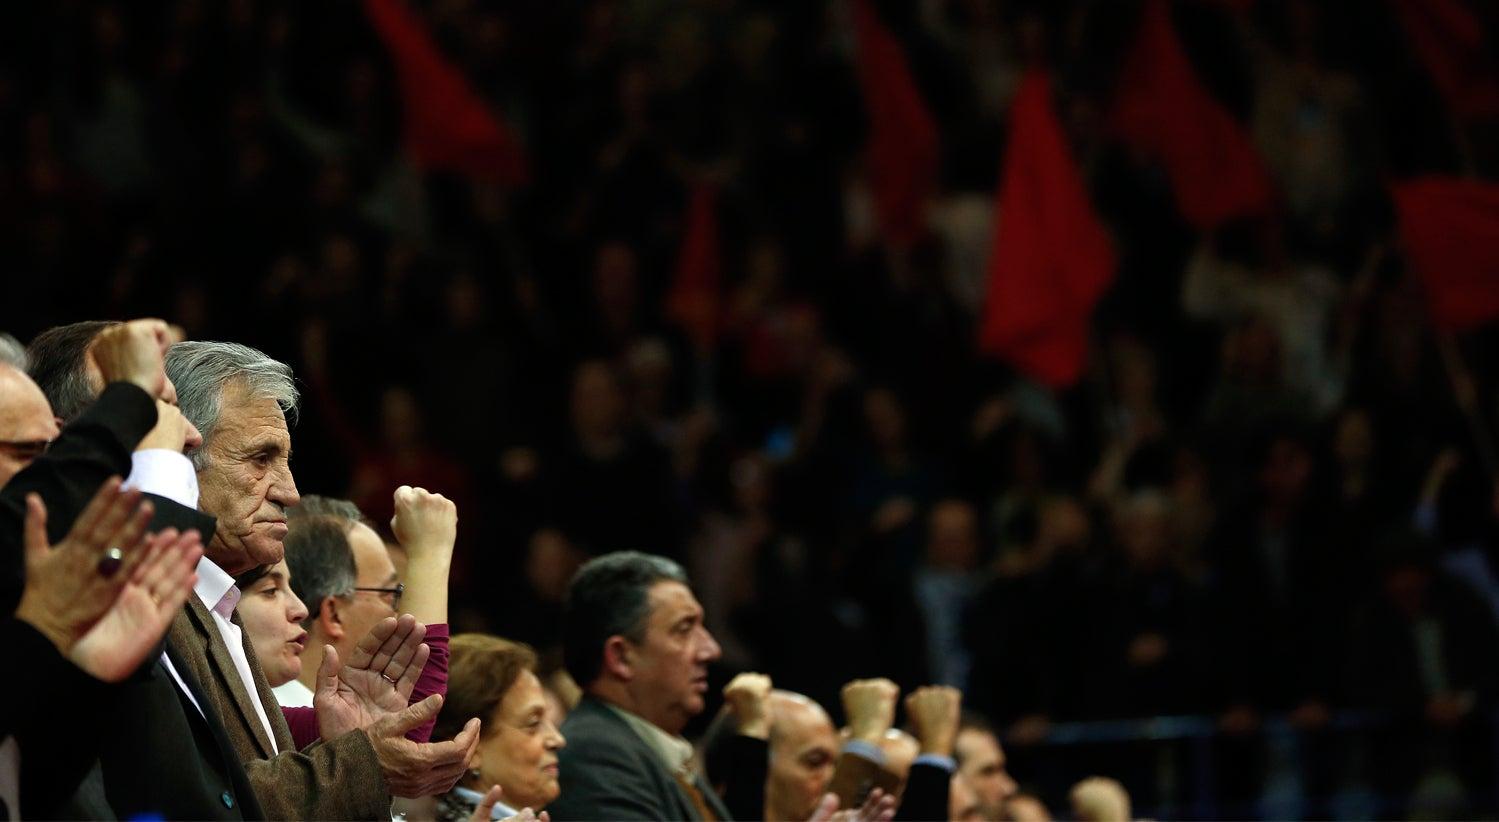 Política - Jerónimo critica Governo pela atual situação na Caixa